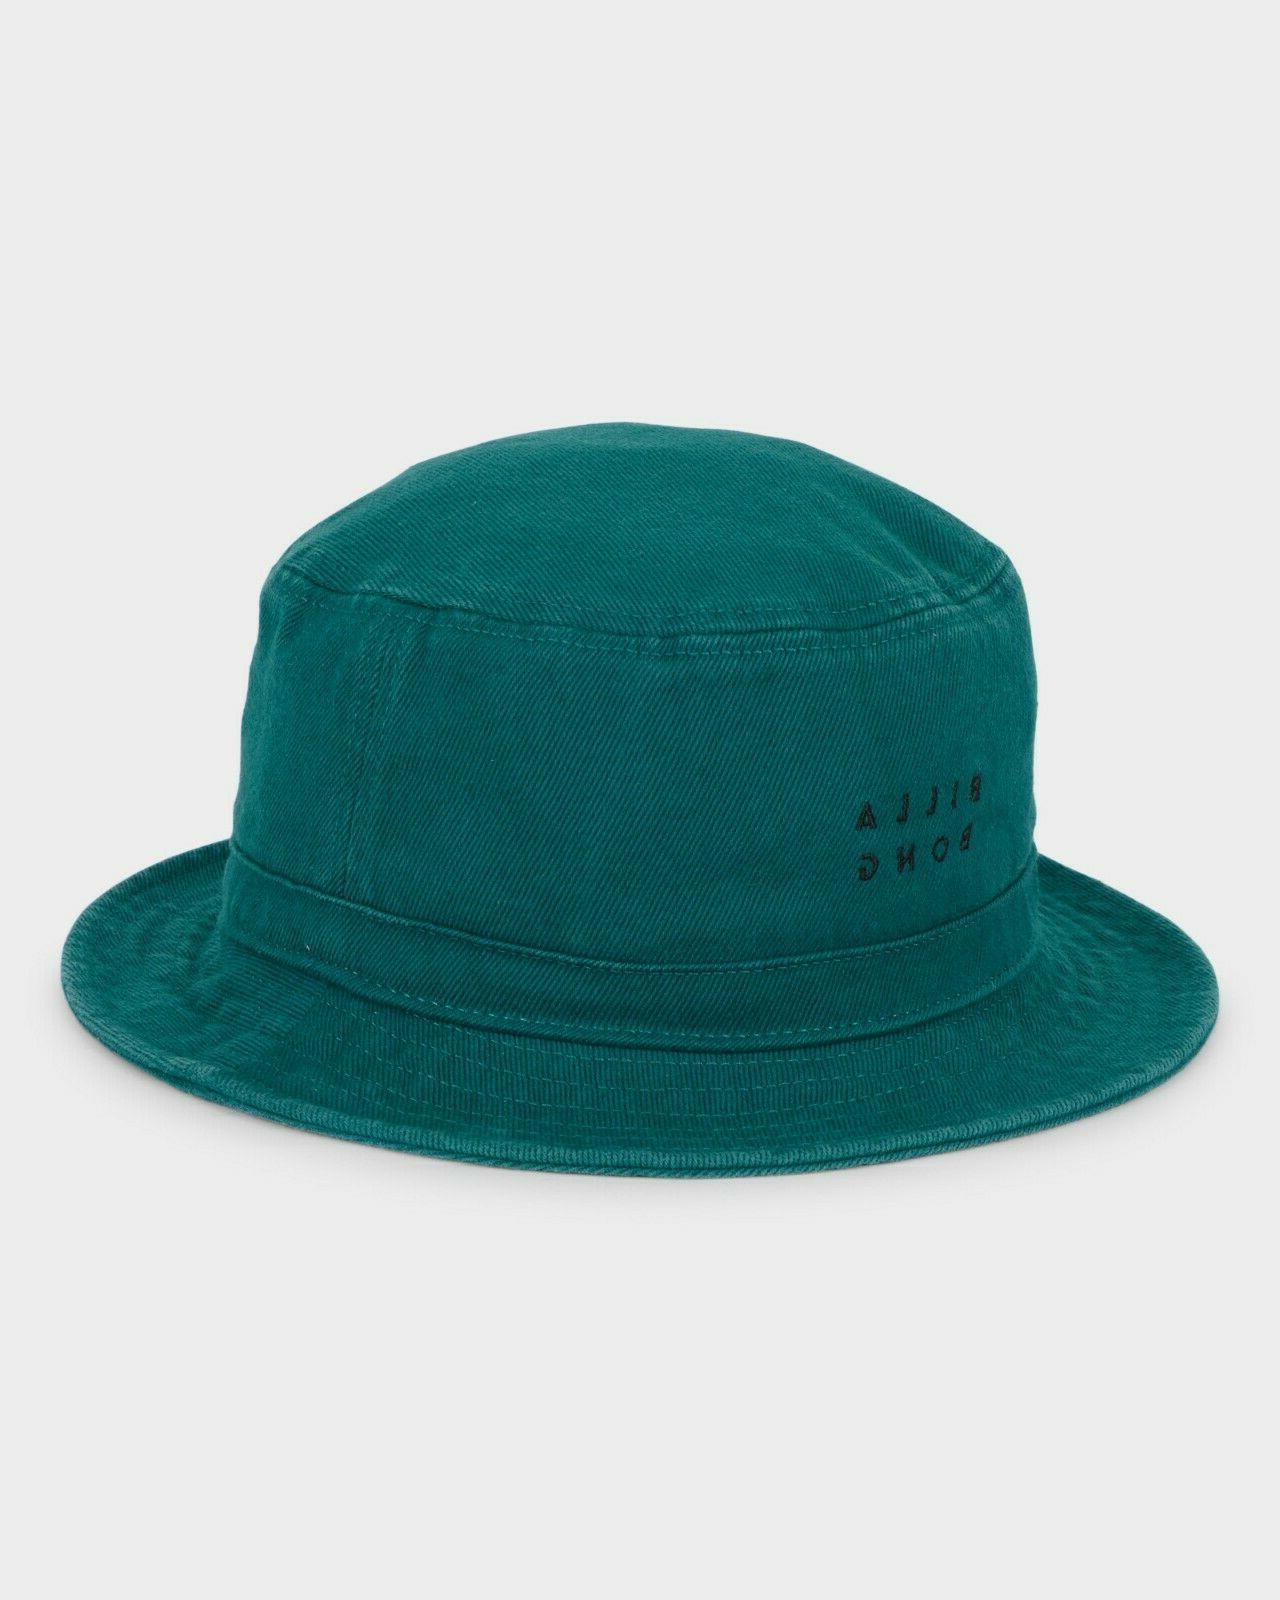 cap hat new mens unisex wave wash